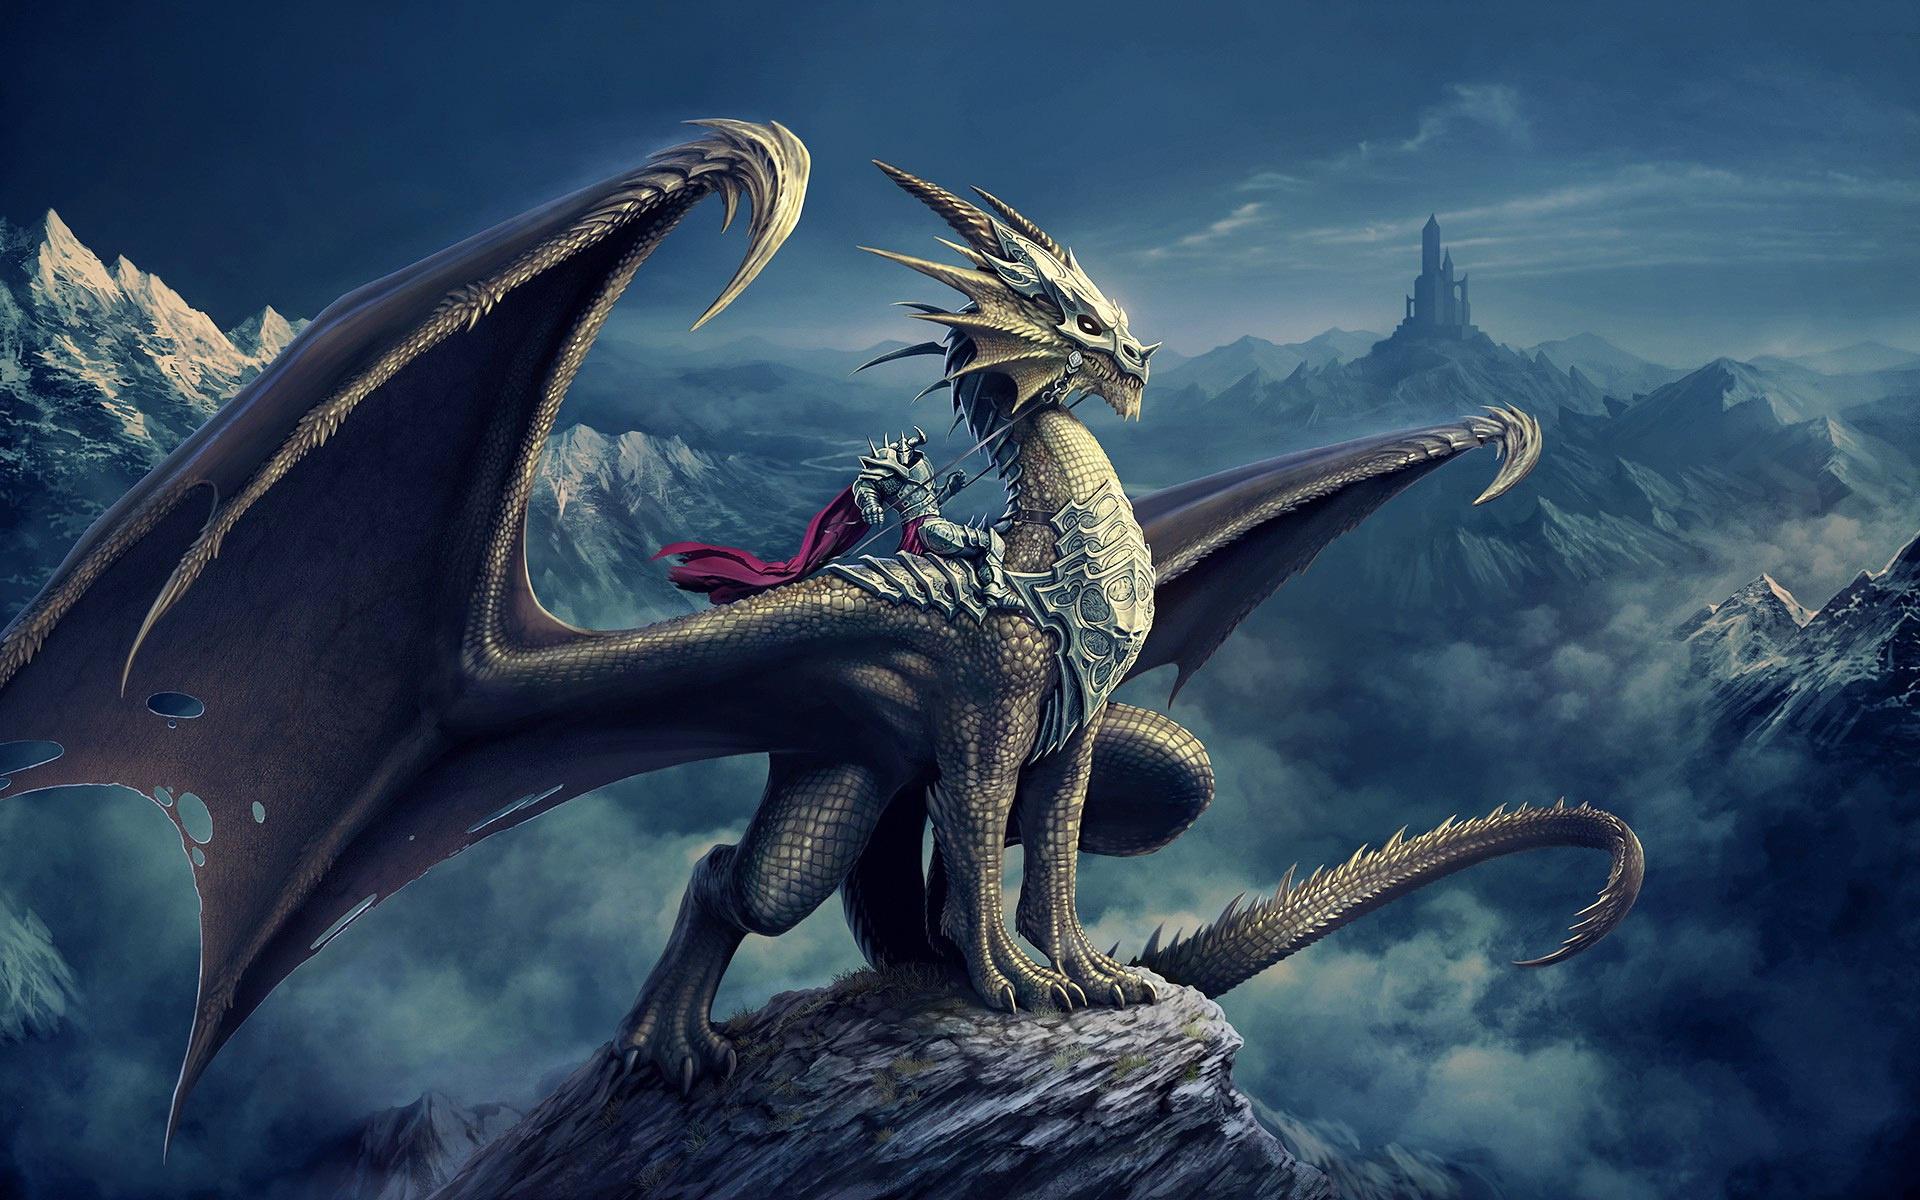 Fantasy Dragon Wallpaper High Resolution 5135 Wallpaper 1920x1200